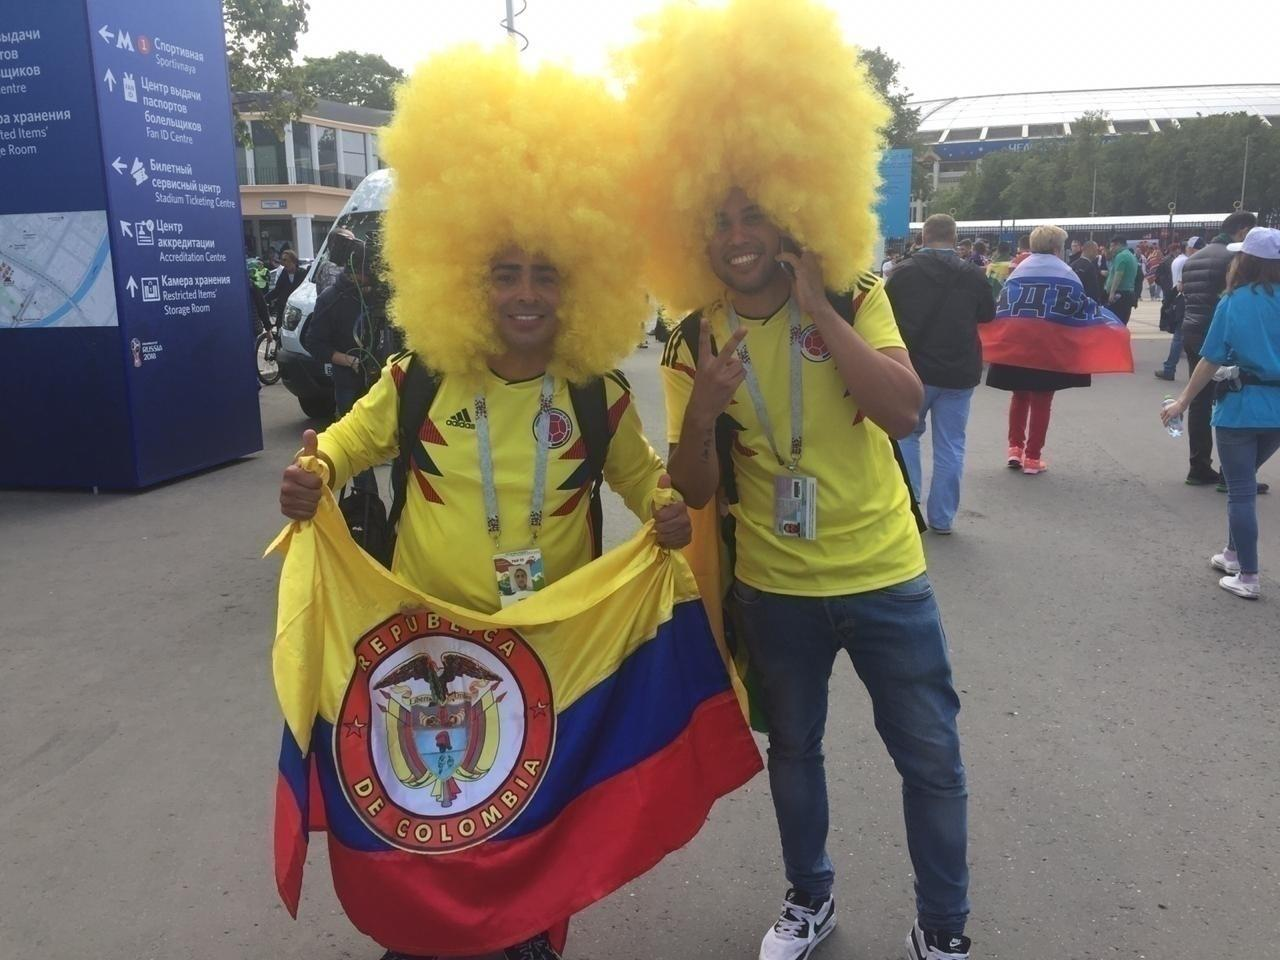 Torcedores da Colômbia no entorno do estádio Luzhniki em que se realizará a abertura da Copa